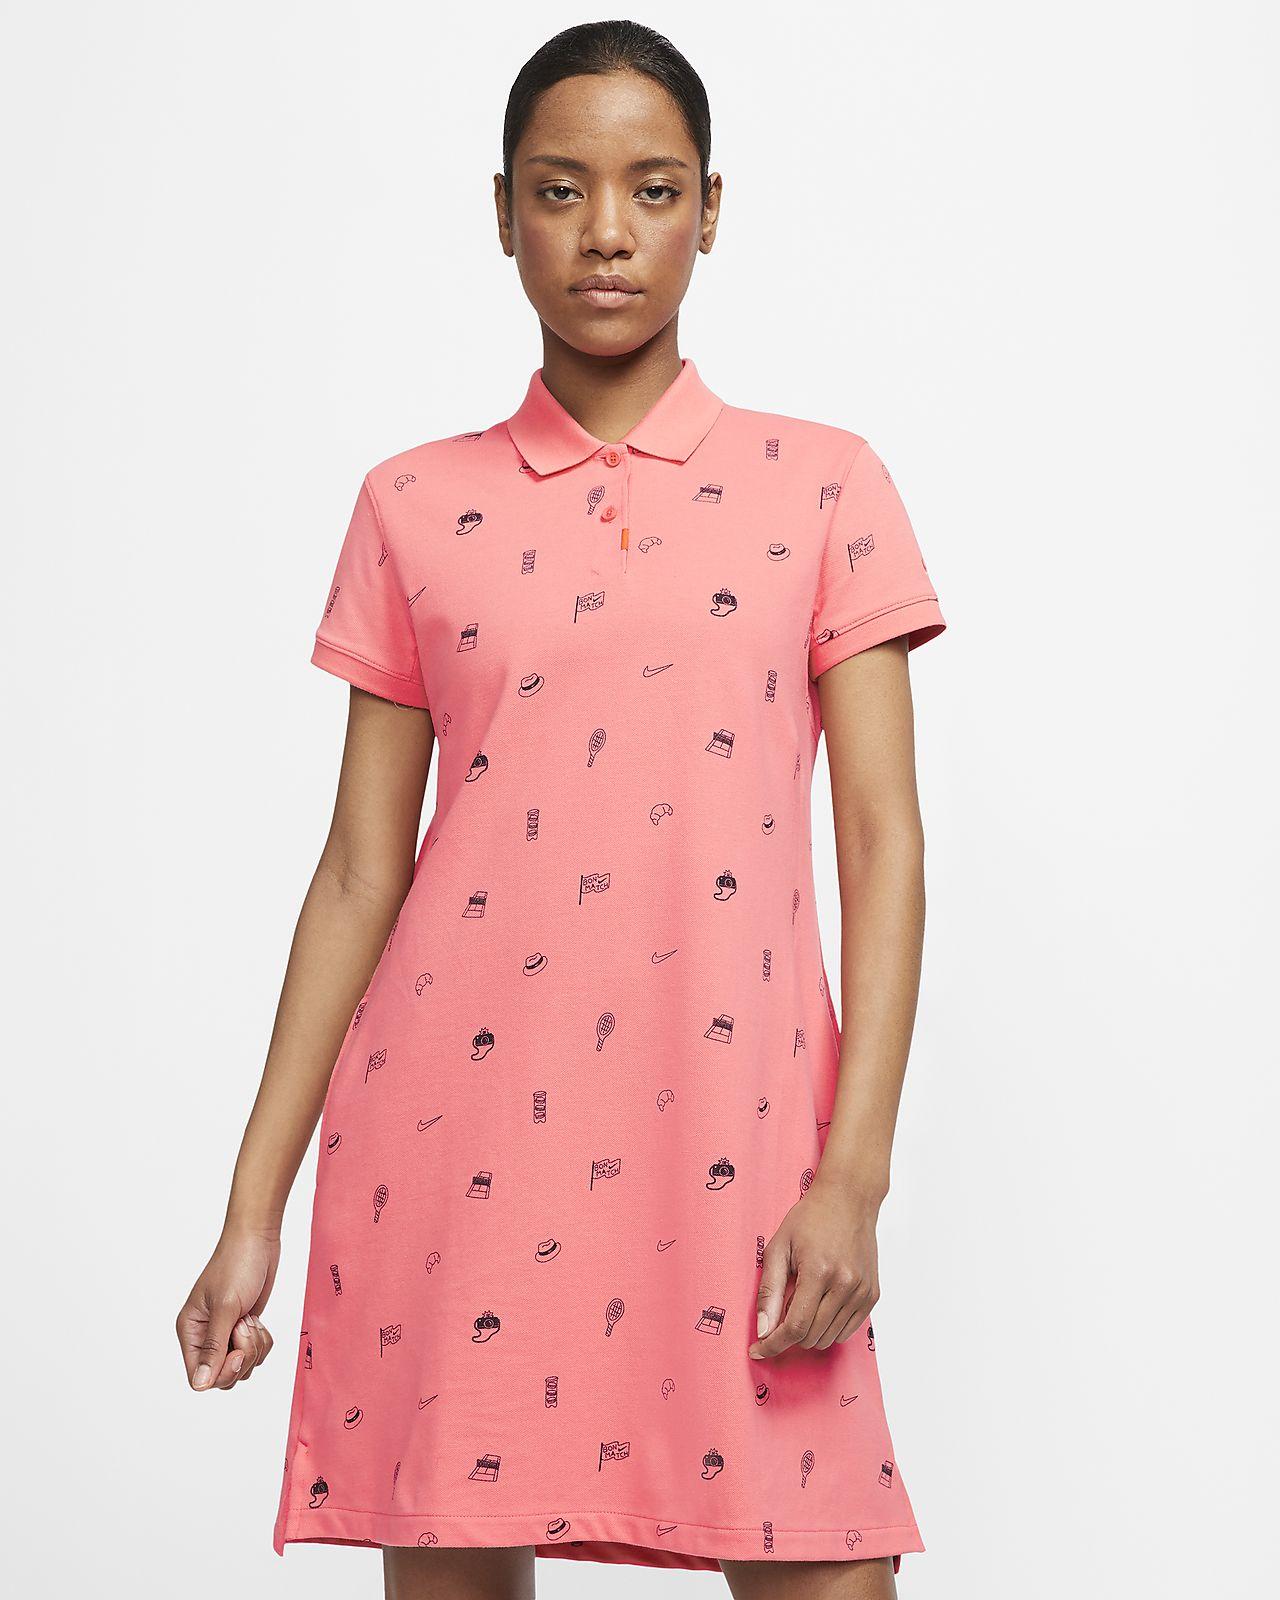 The Nike Polo Vestit estampat - Dona